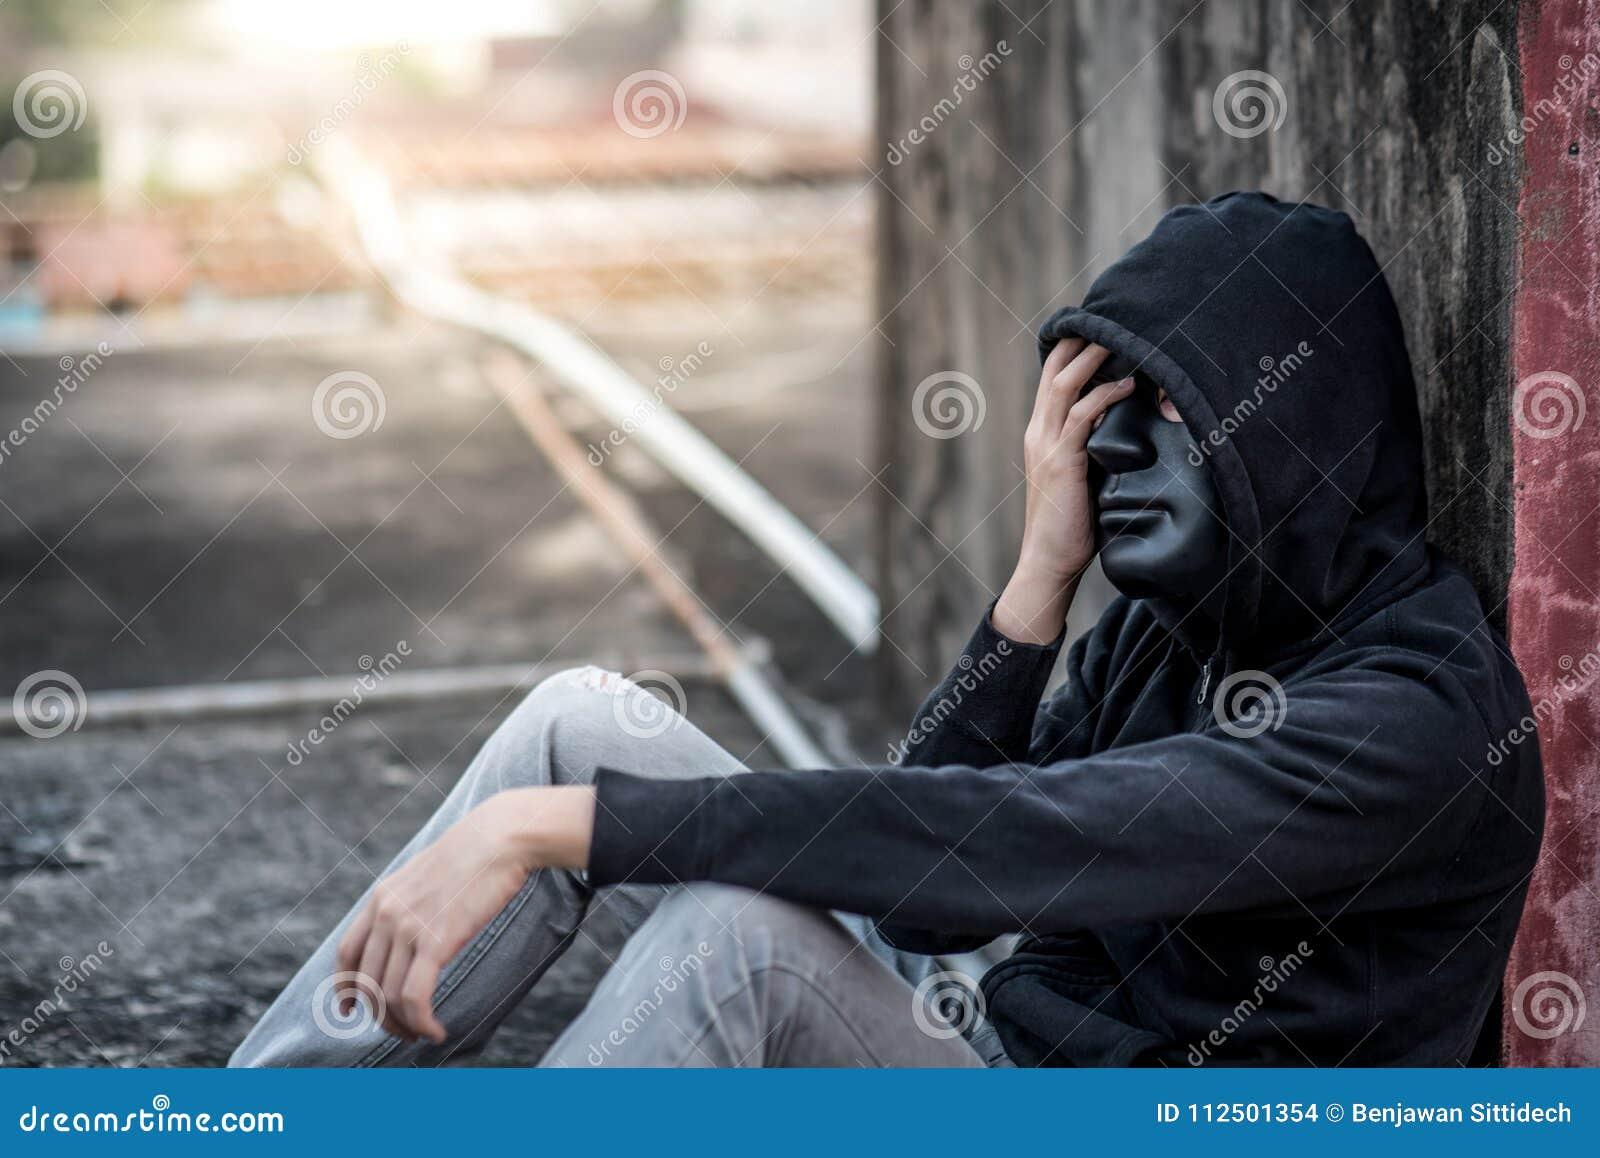 Tajemnica mężczyzna z czerni maski uczuciem stresował się obsiadanie w abandone